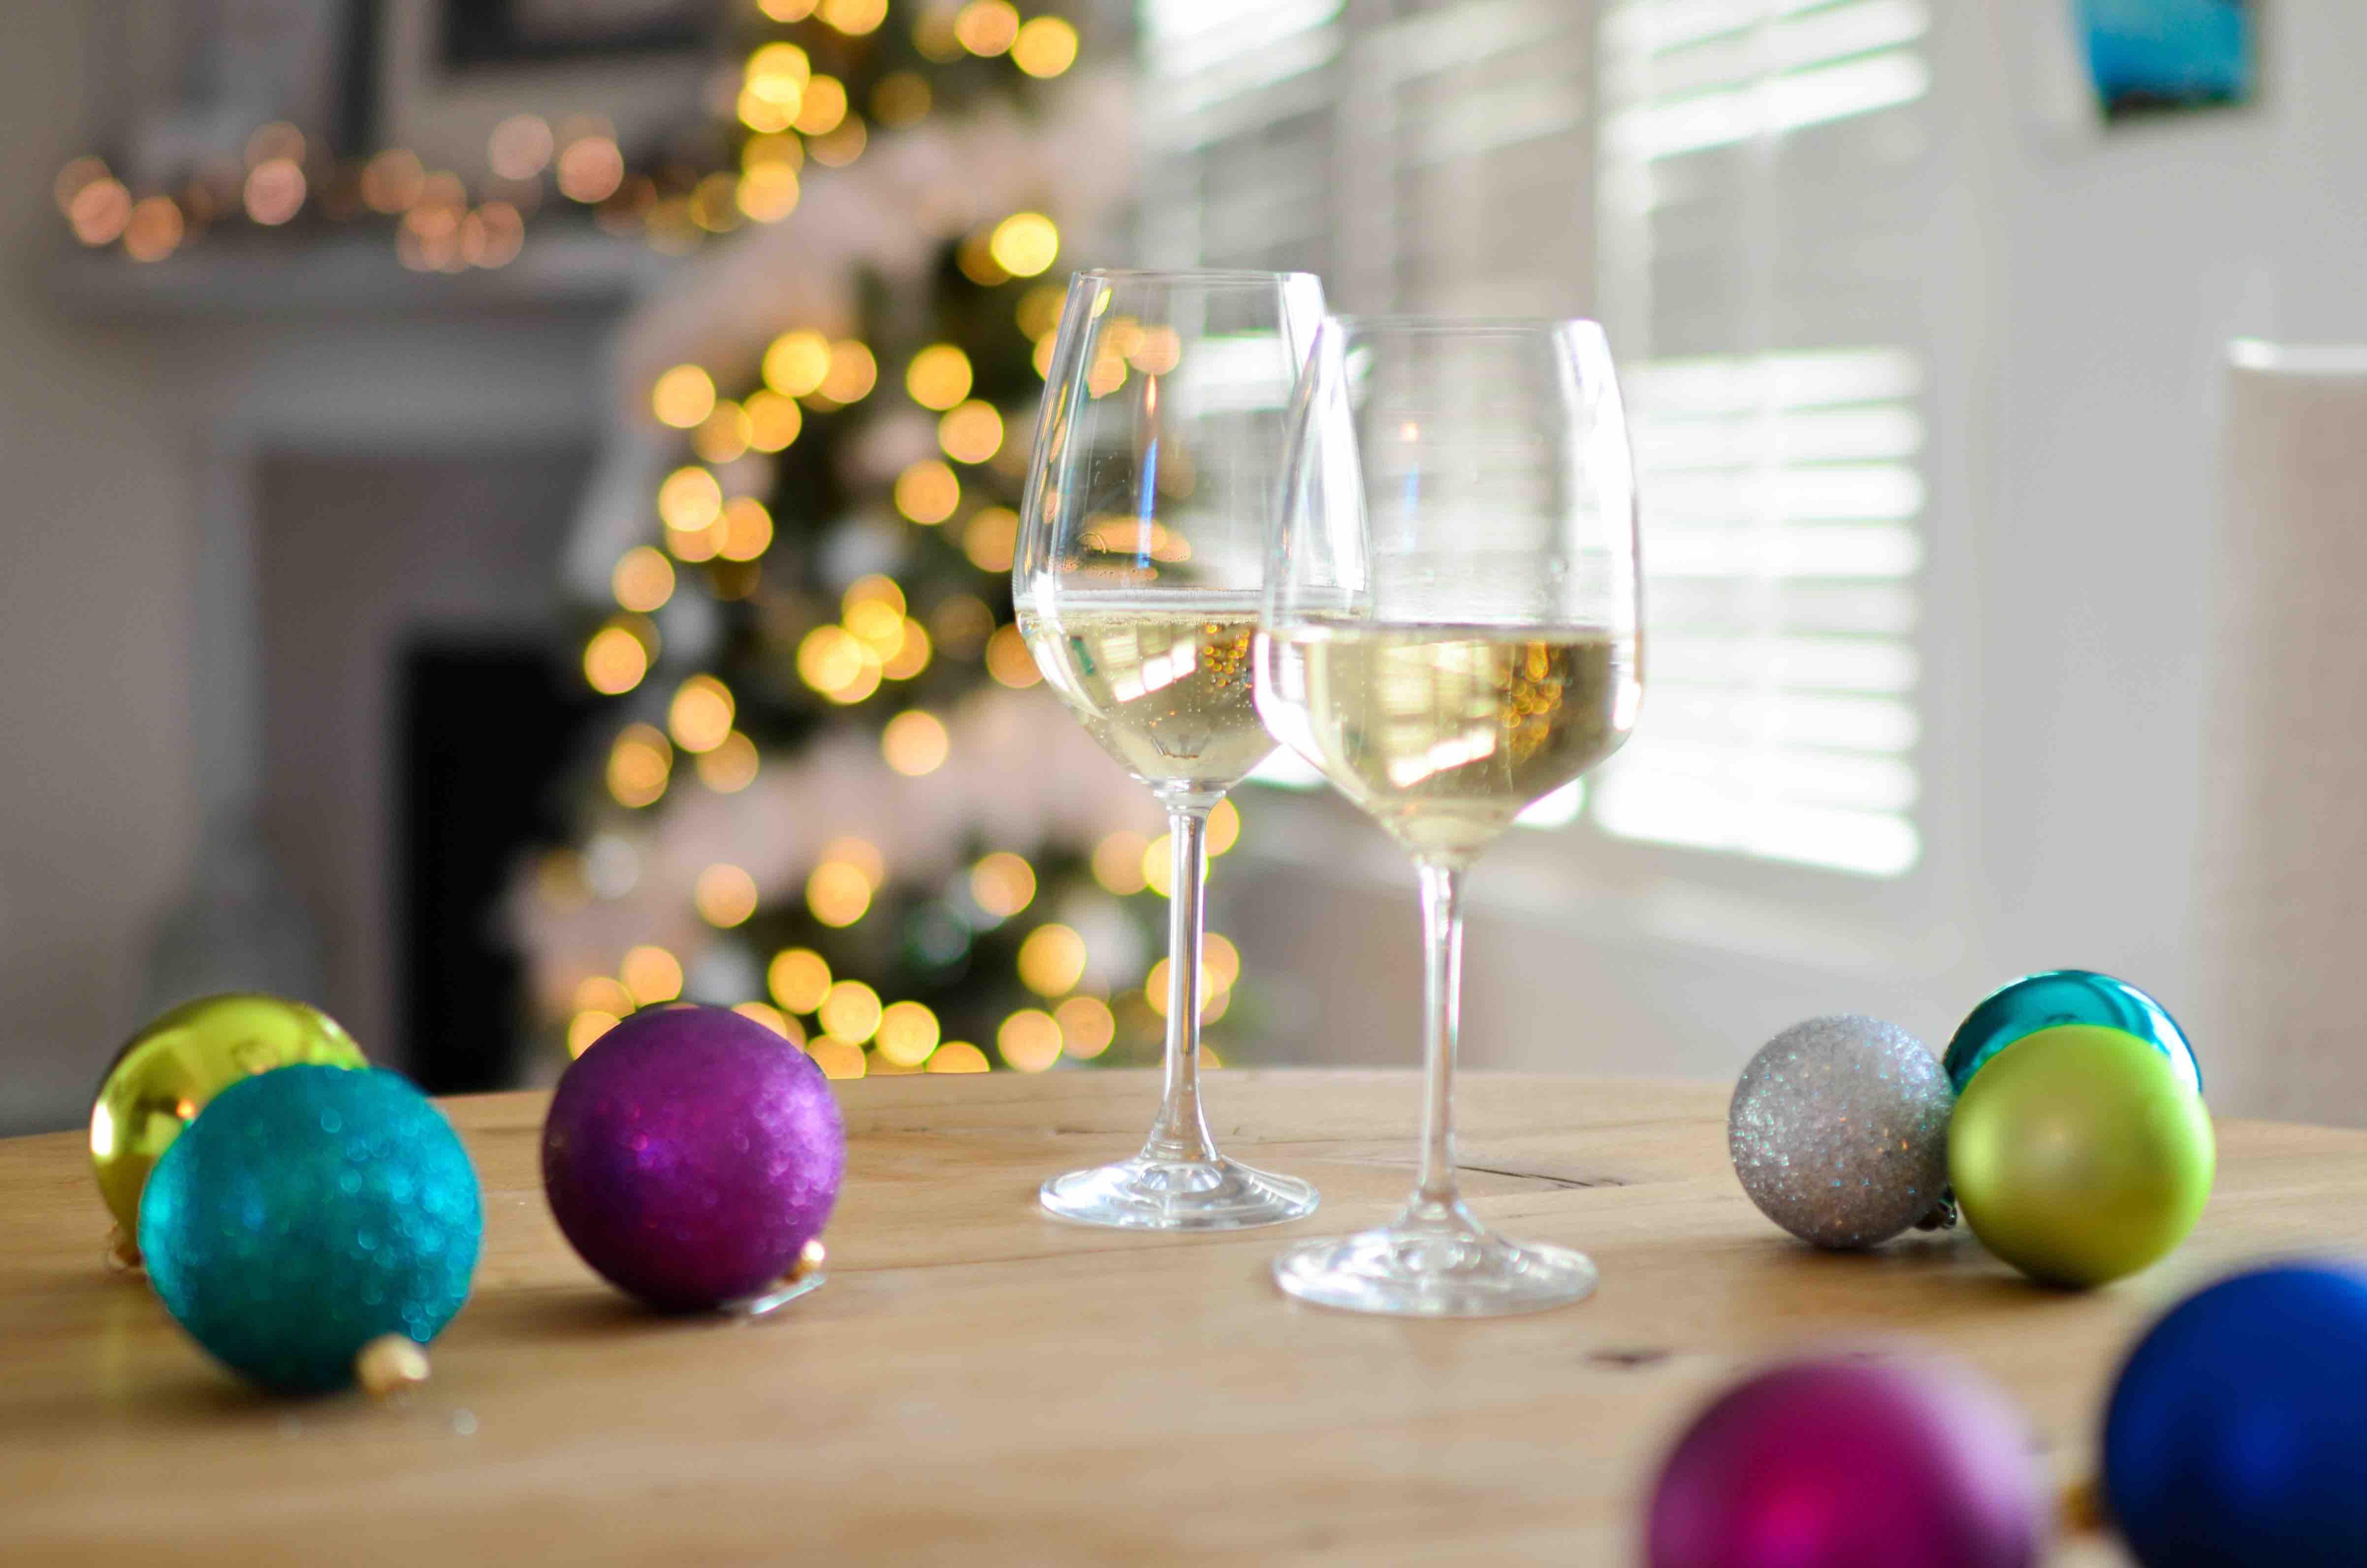 I Vini Perfetti Per La Tavola Delle Feste Da Natale A Capodanno L